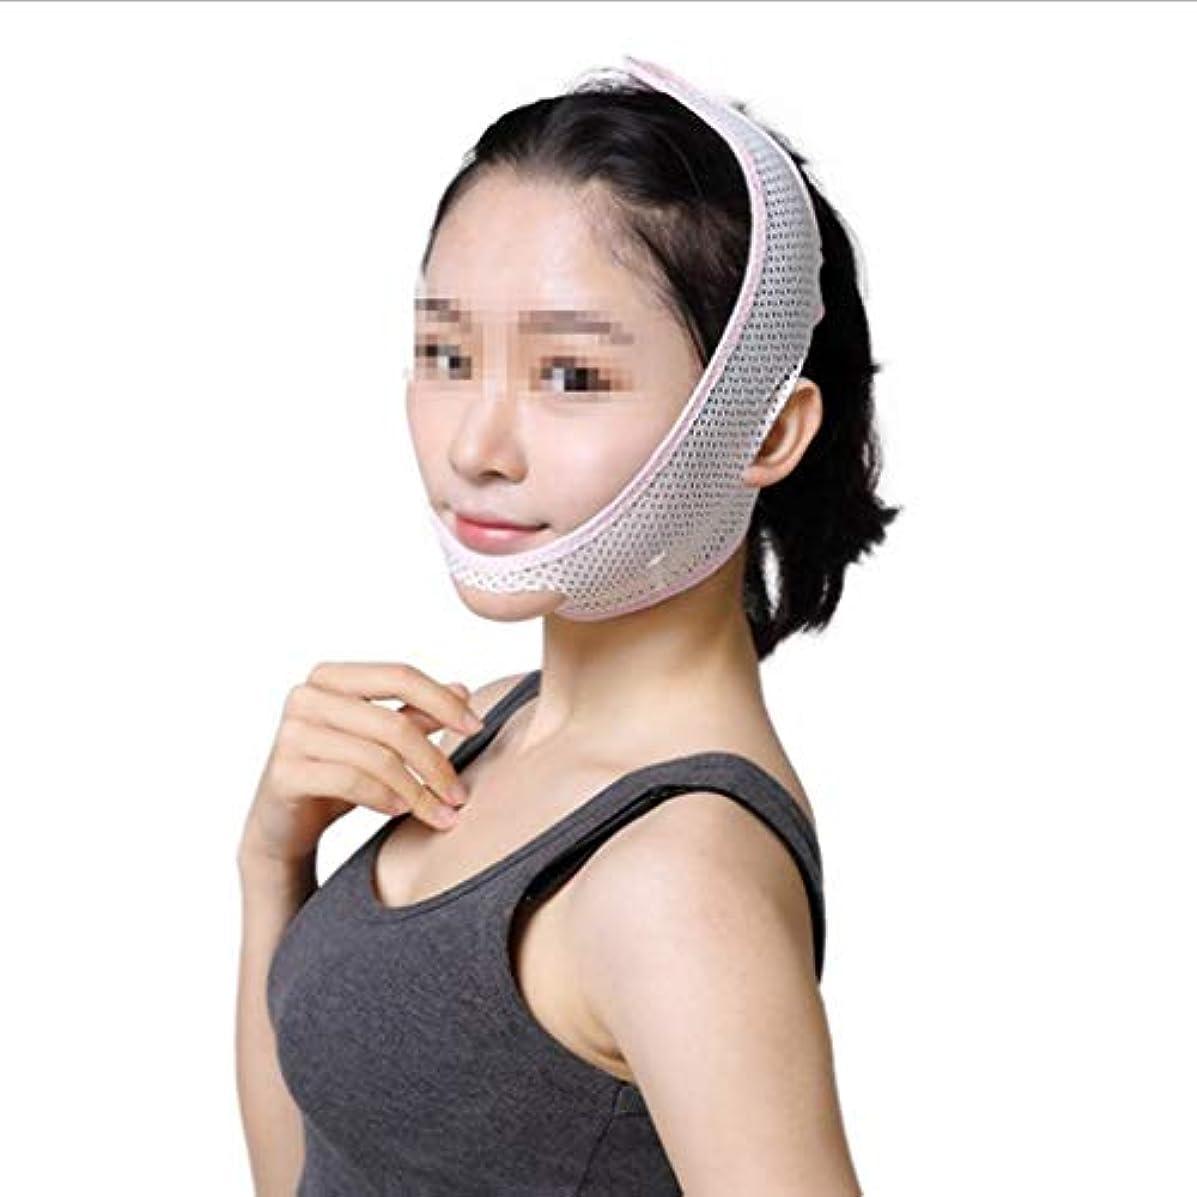 妖精美人縫い目超薄型通気性フェイスマスク、包帯Vフェイスマスクフェイスリフティングファーミングダブルチンシンフェイスベルト (Size : M)